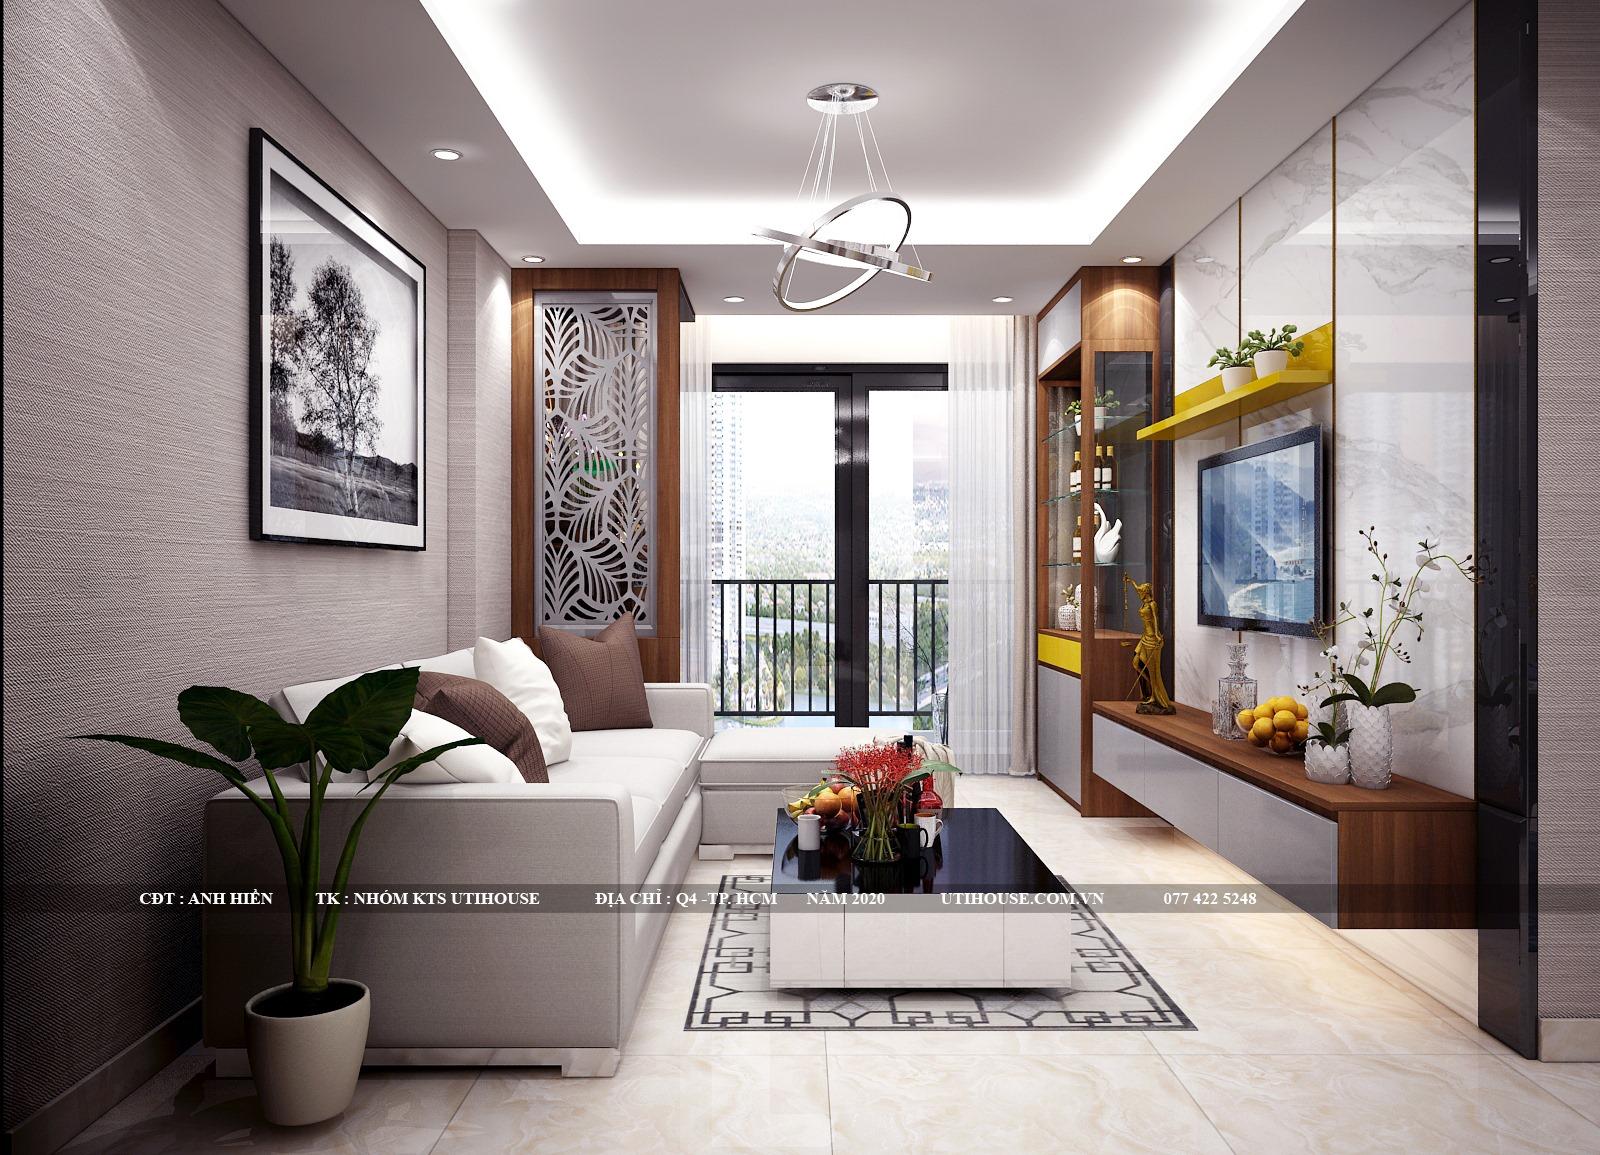 Phong cách thiết kế nội thất chung cư cao cấp bền vững với thời gian